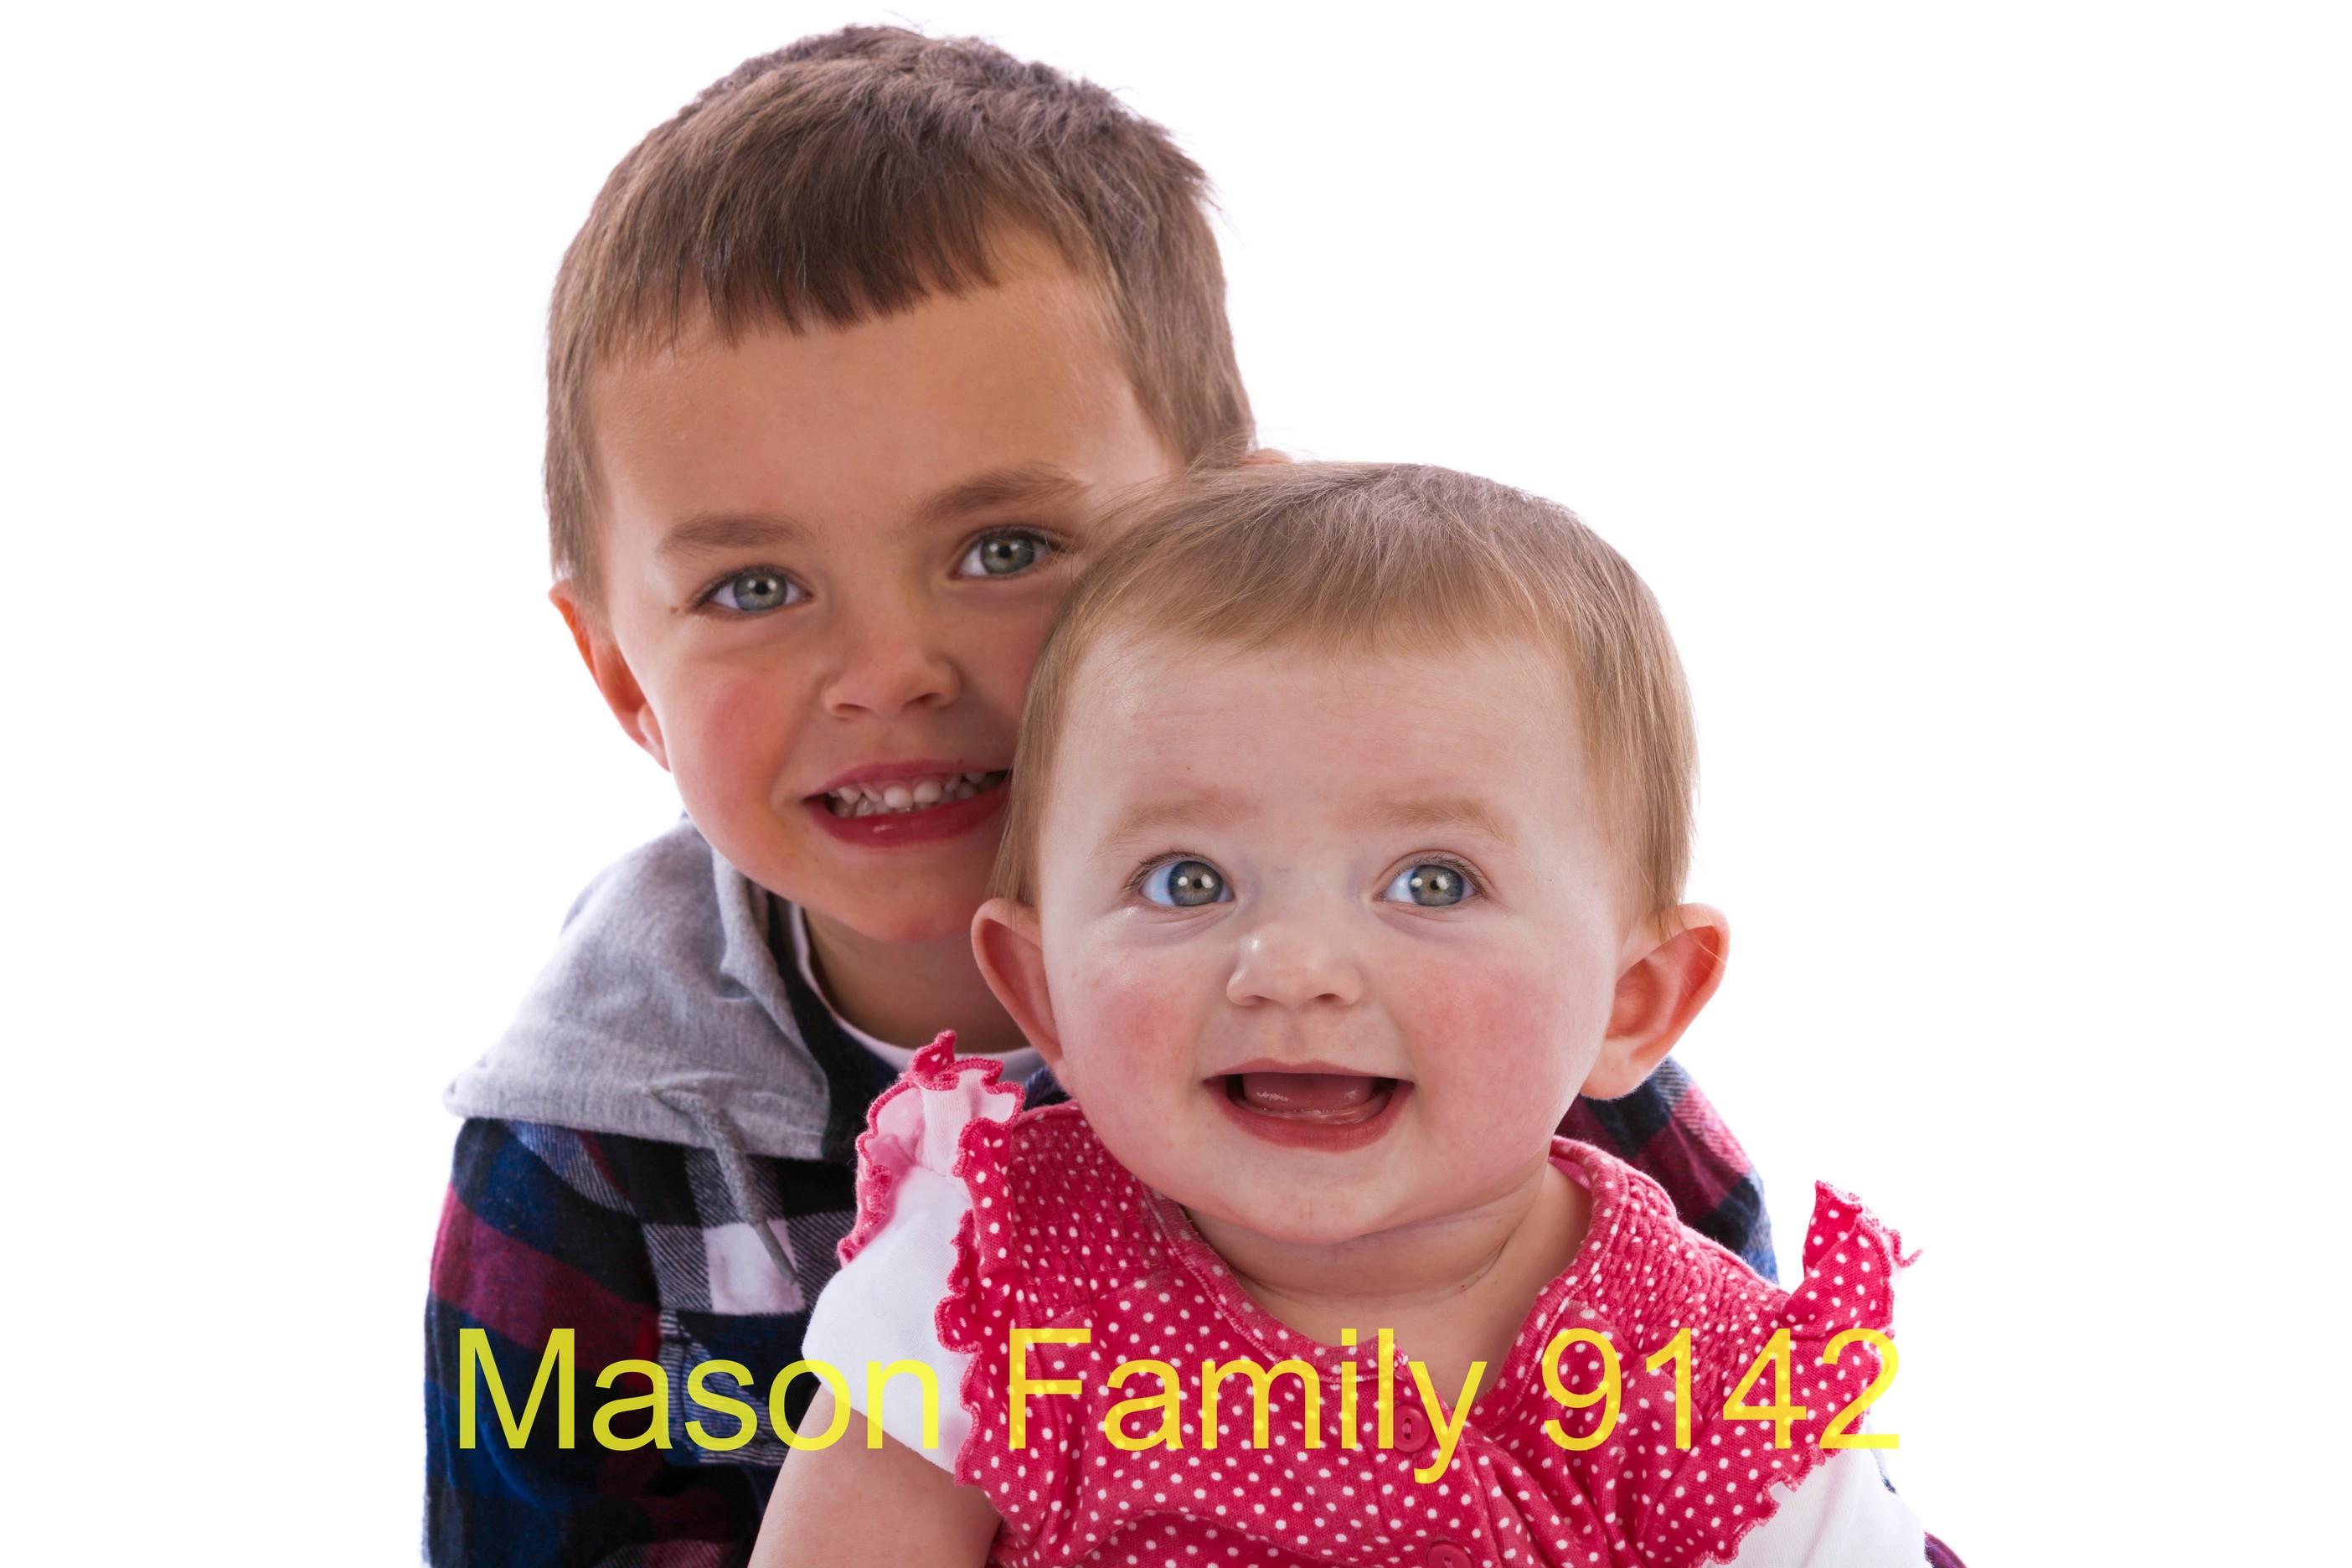 Mason Family 9142